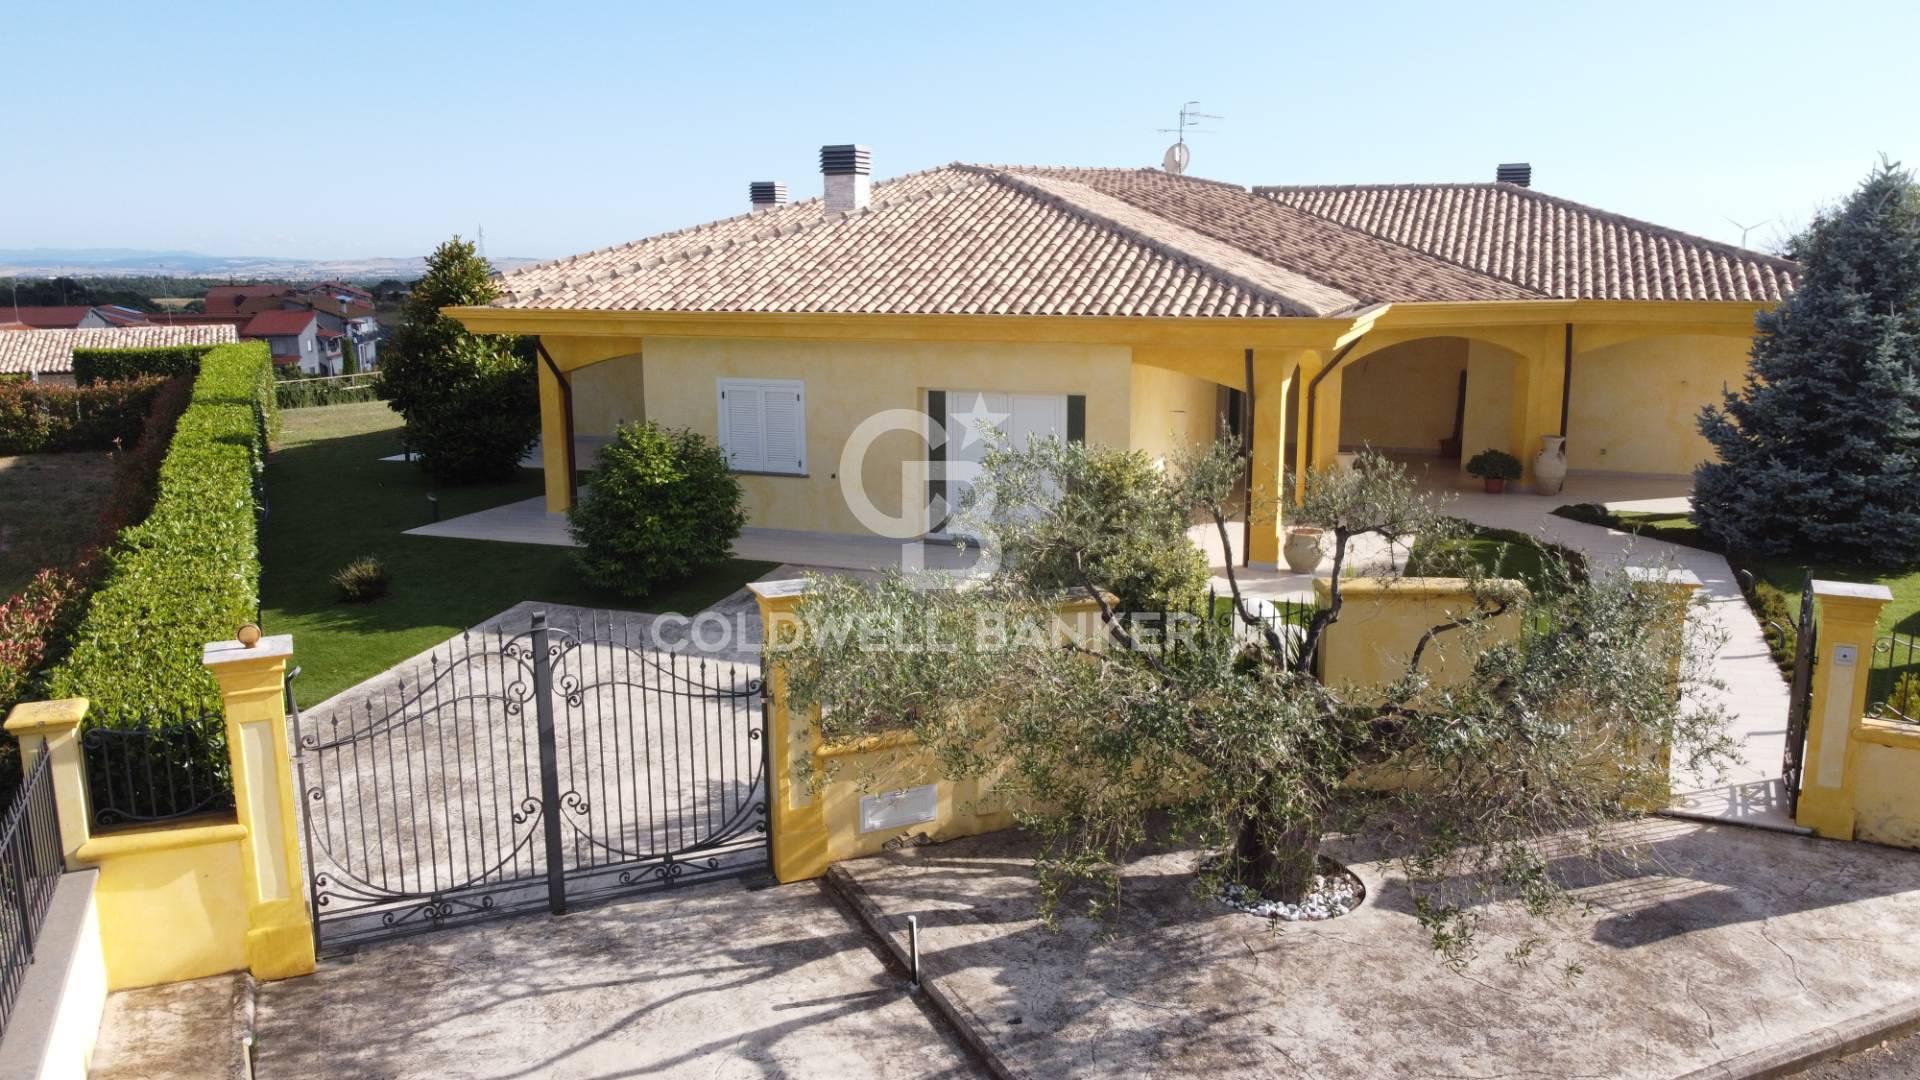 Villa in vendita a Arlena di Castro, 12 locali, prezzo € 455.000 | CambioCasa.it